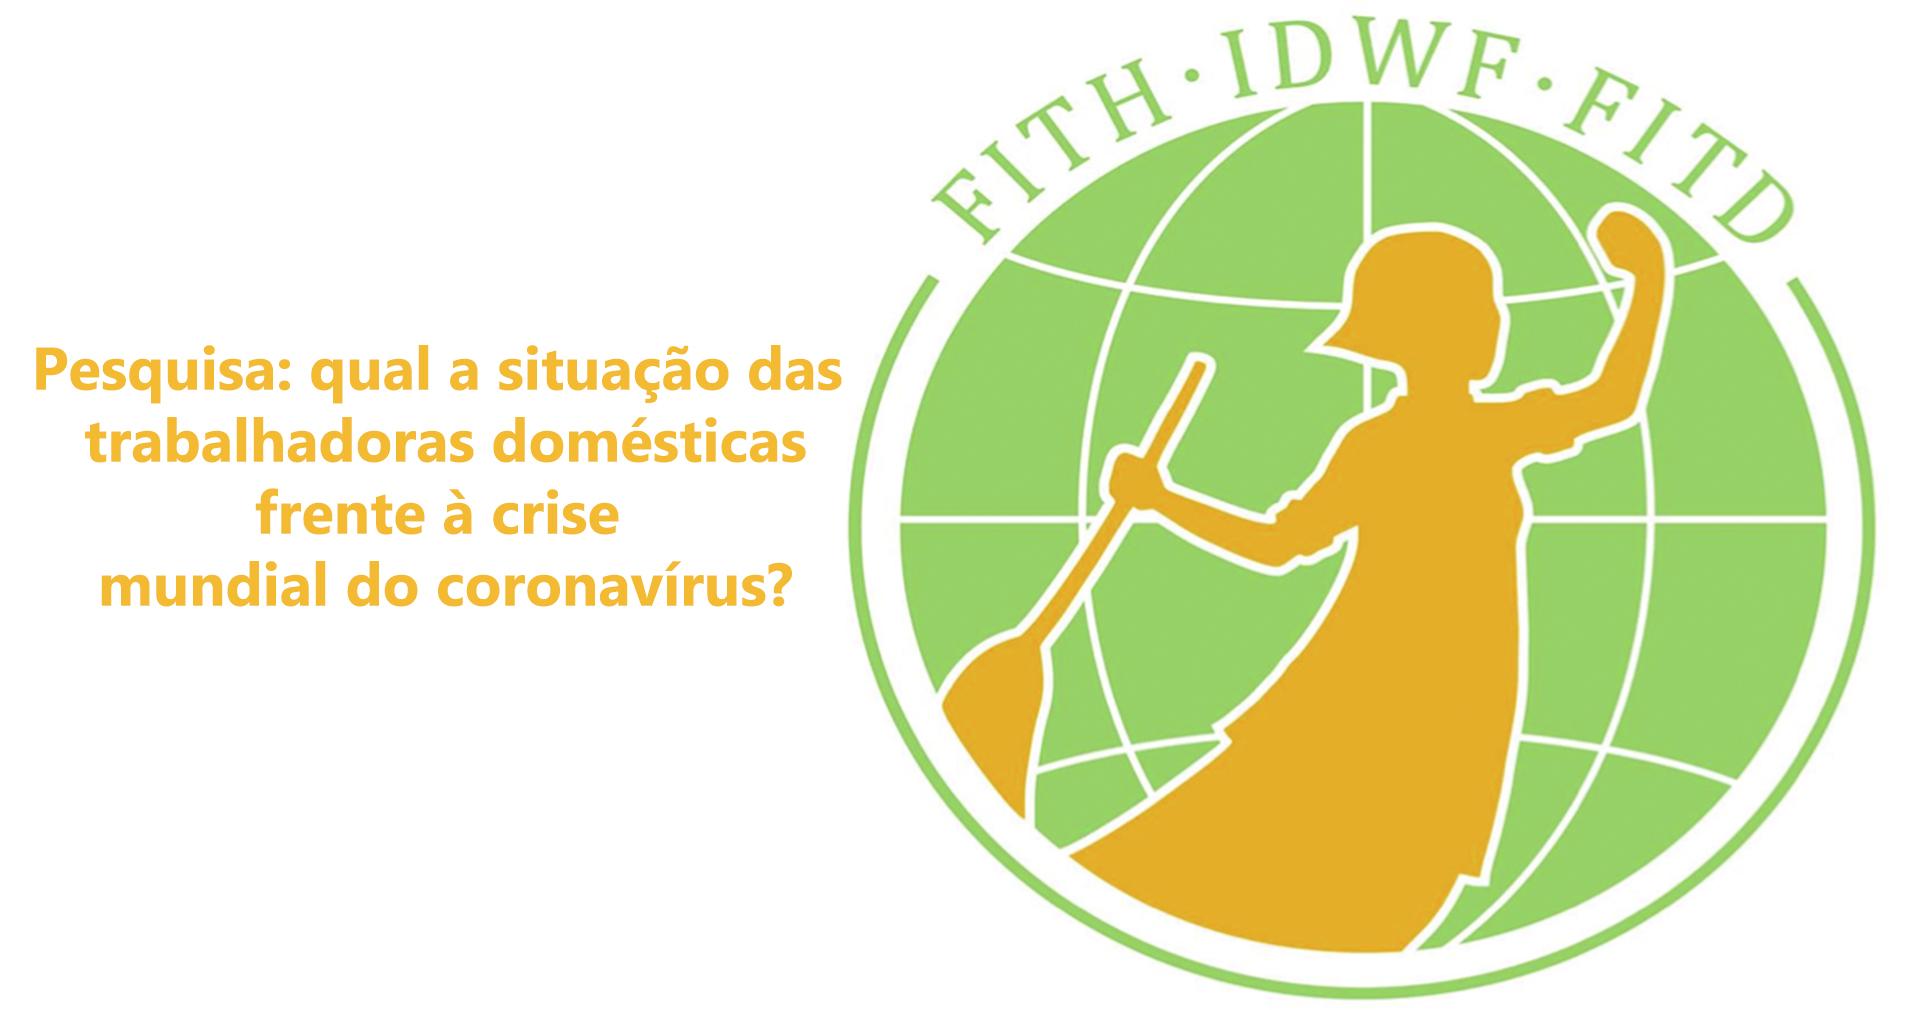 Pesquisa quer saber situação de trabalhadoras domésticas frente ao covid-19